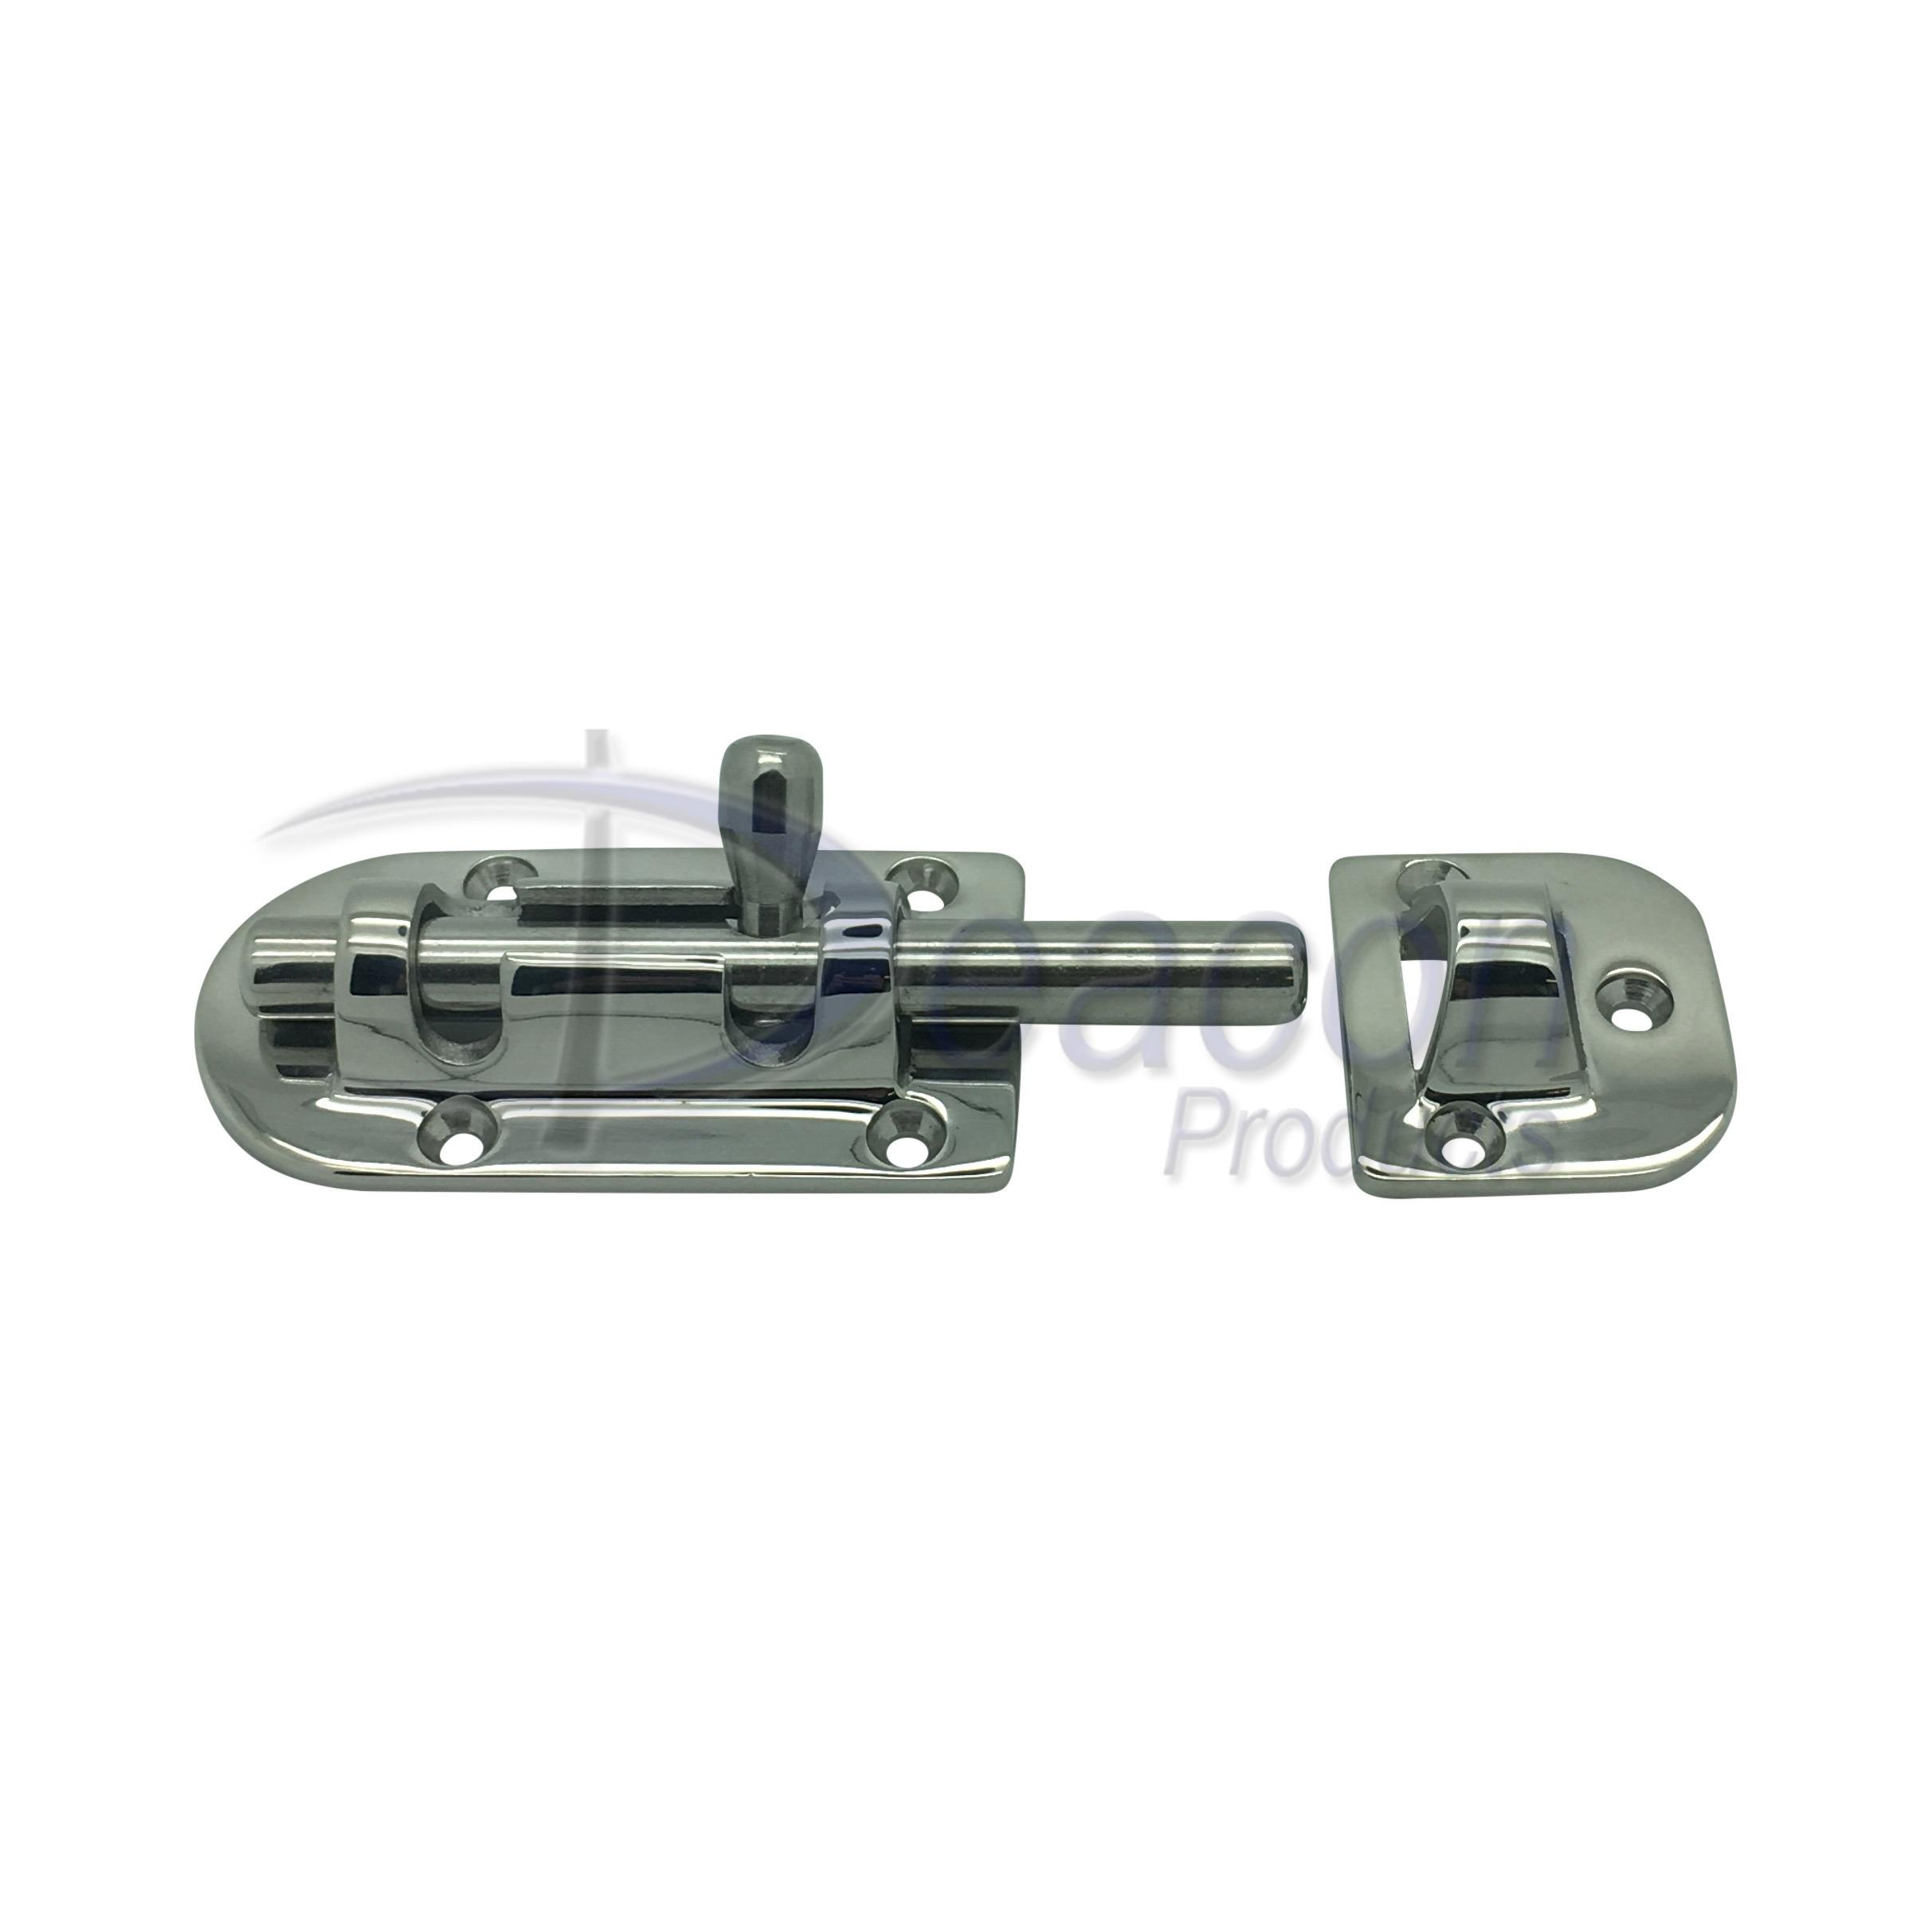 stainless-steel-barrel-bolt